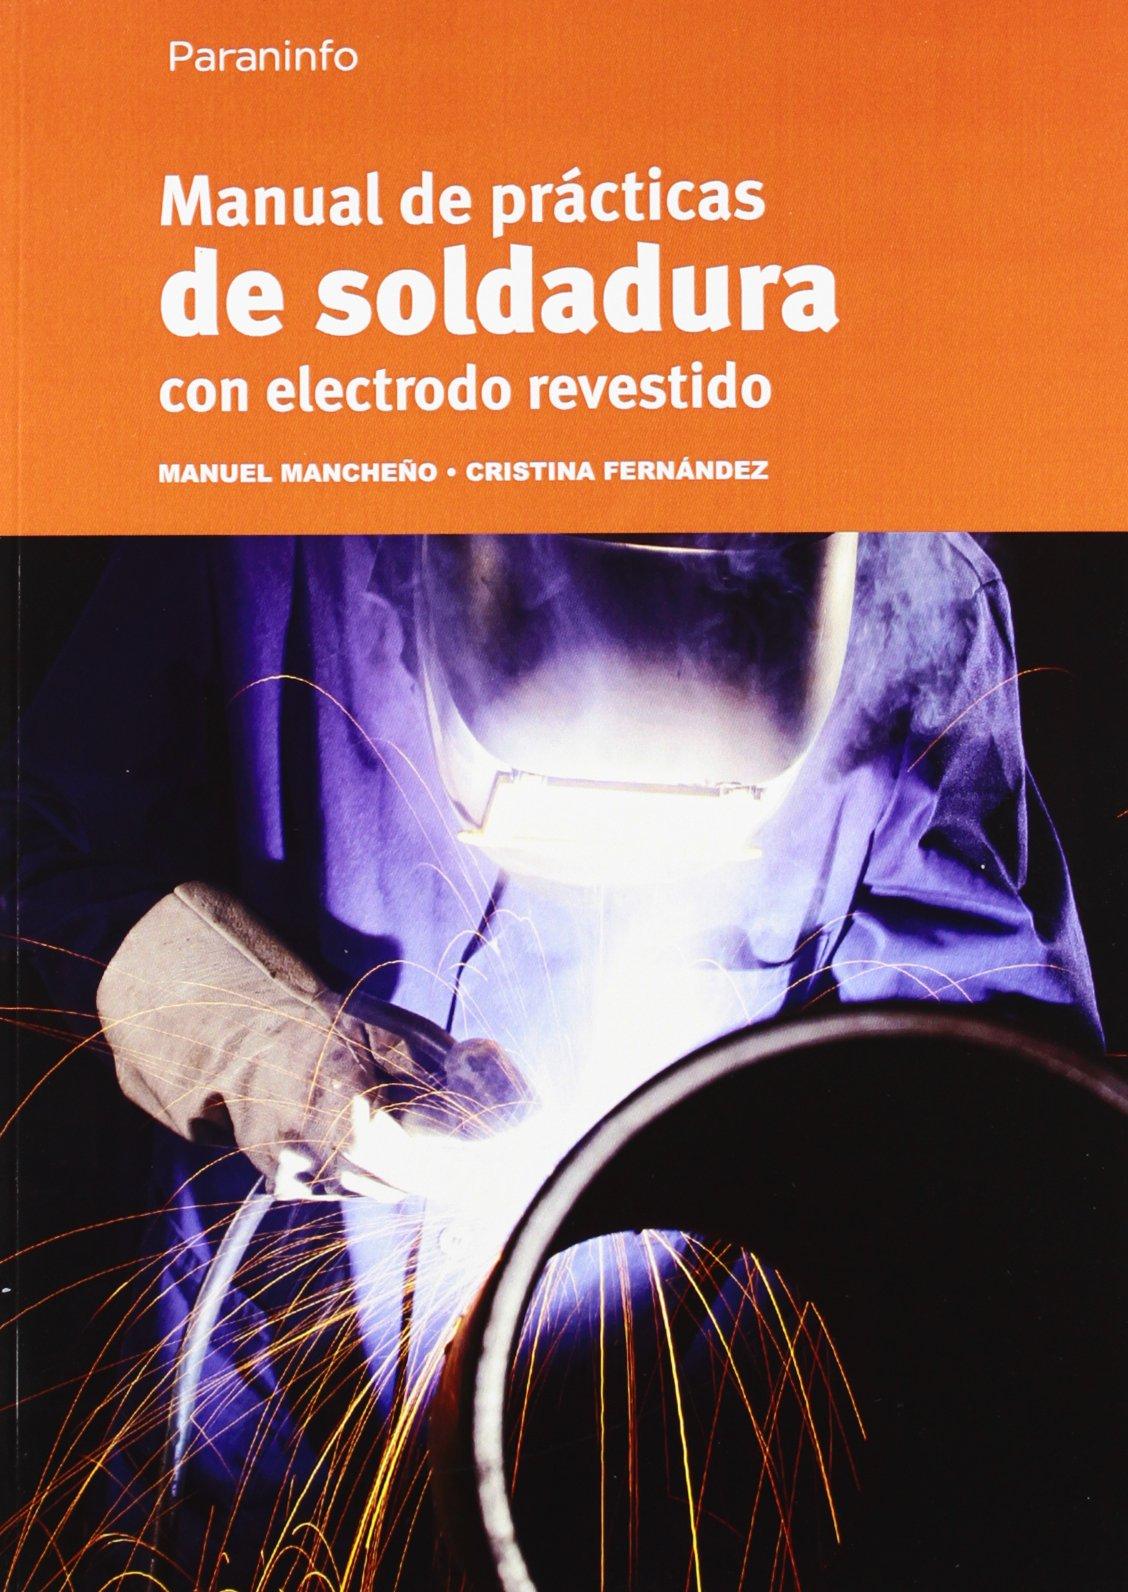 Manual De Soldadura Con Electrodo Revestido (Spanish) Paperback – 2012